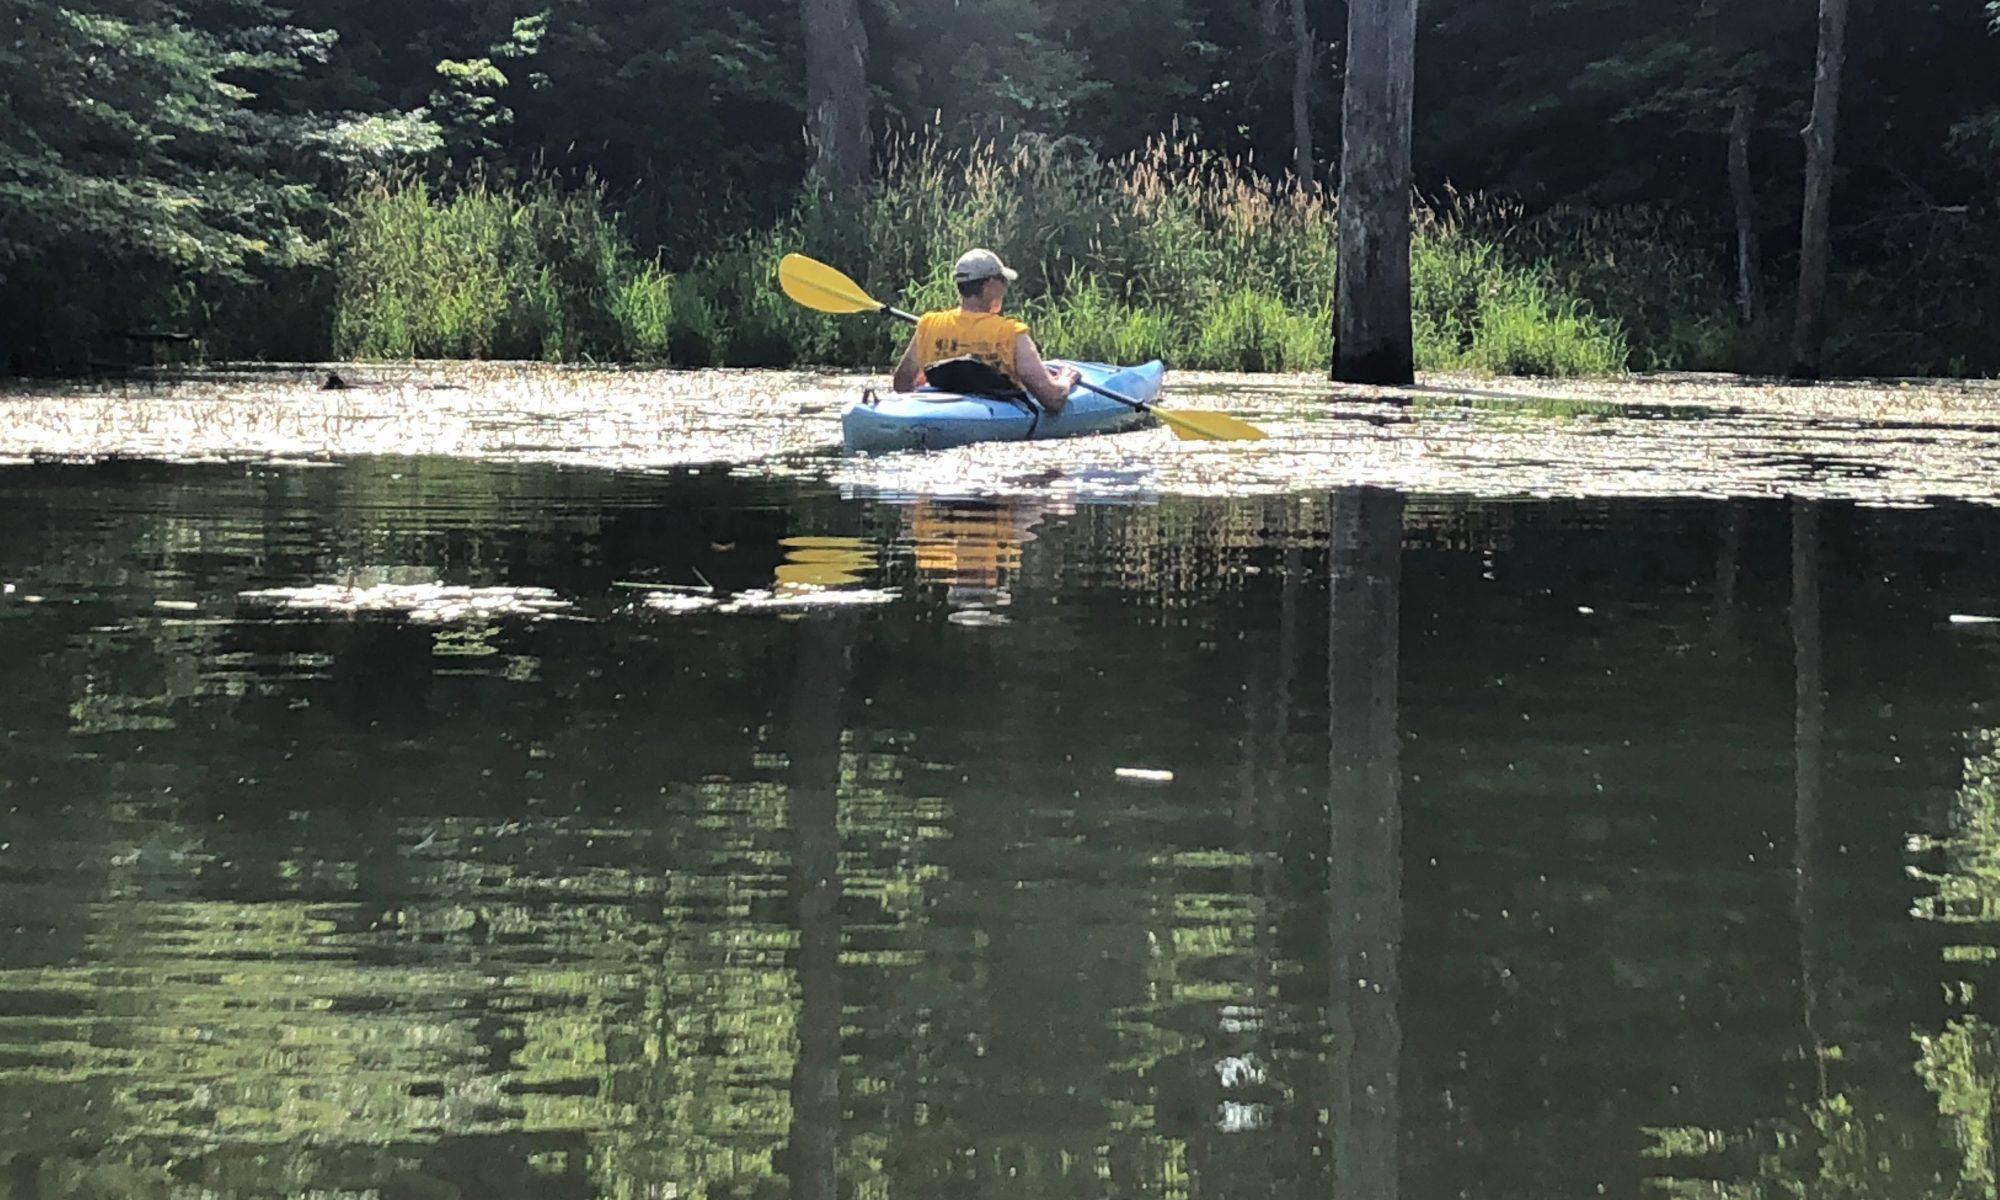 kayaking at panther creek